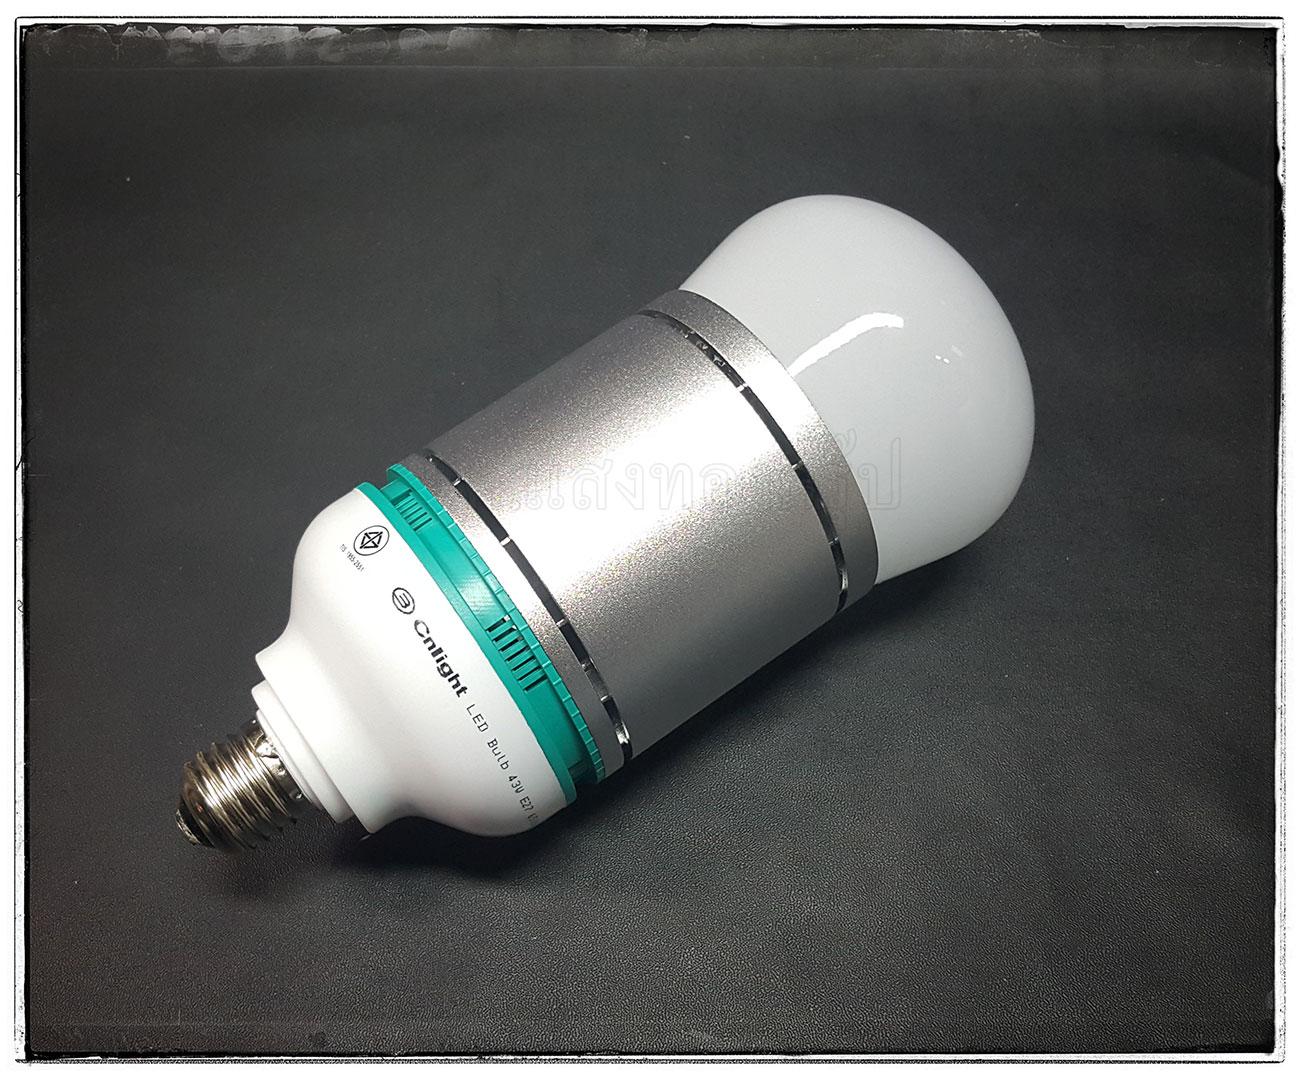 หลอด LED พลังไฟแรงสุดๆ ขนาด 45W